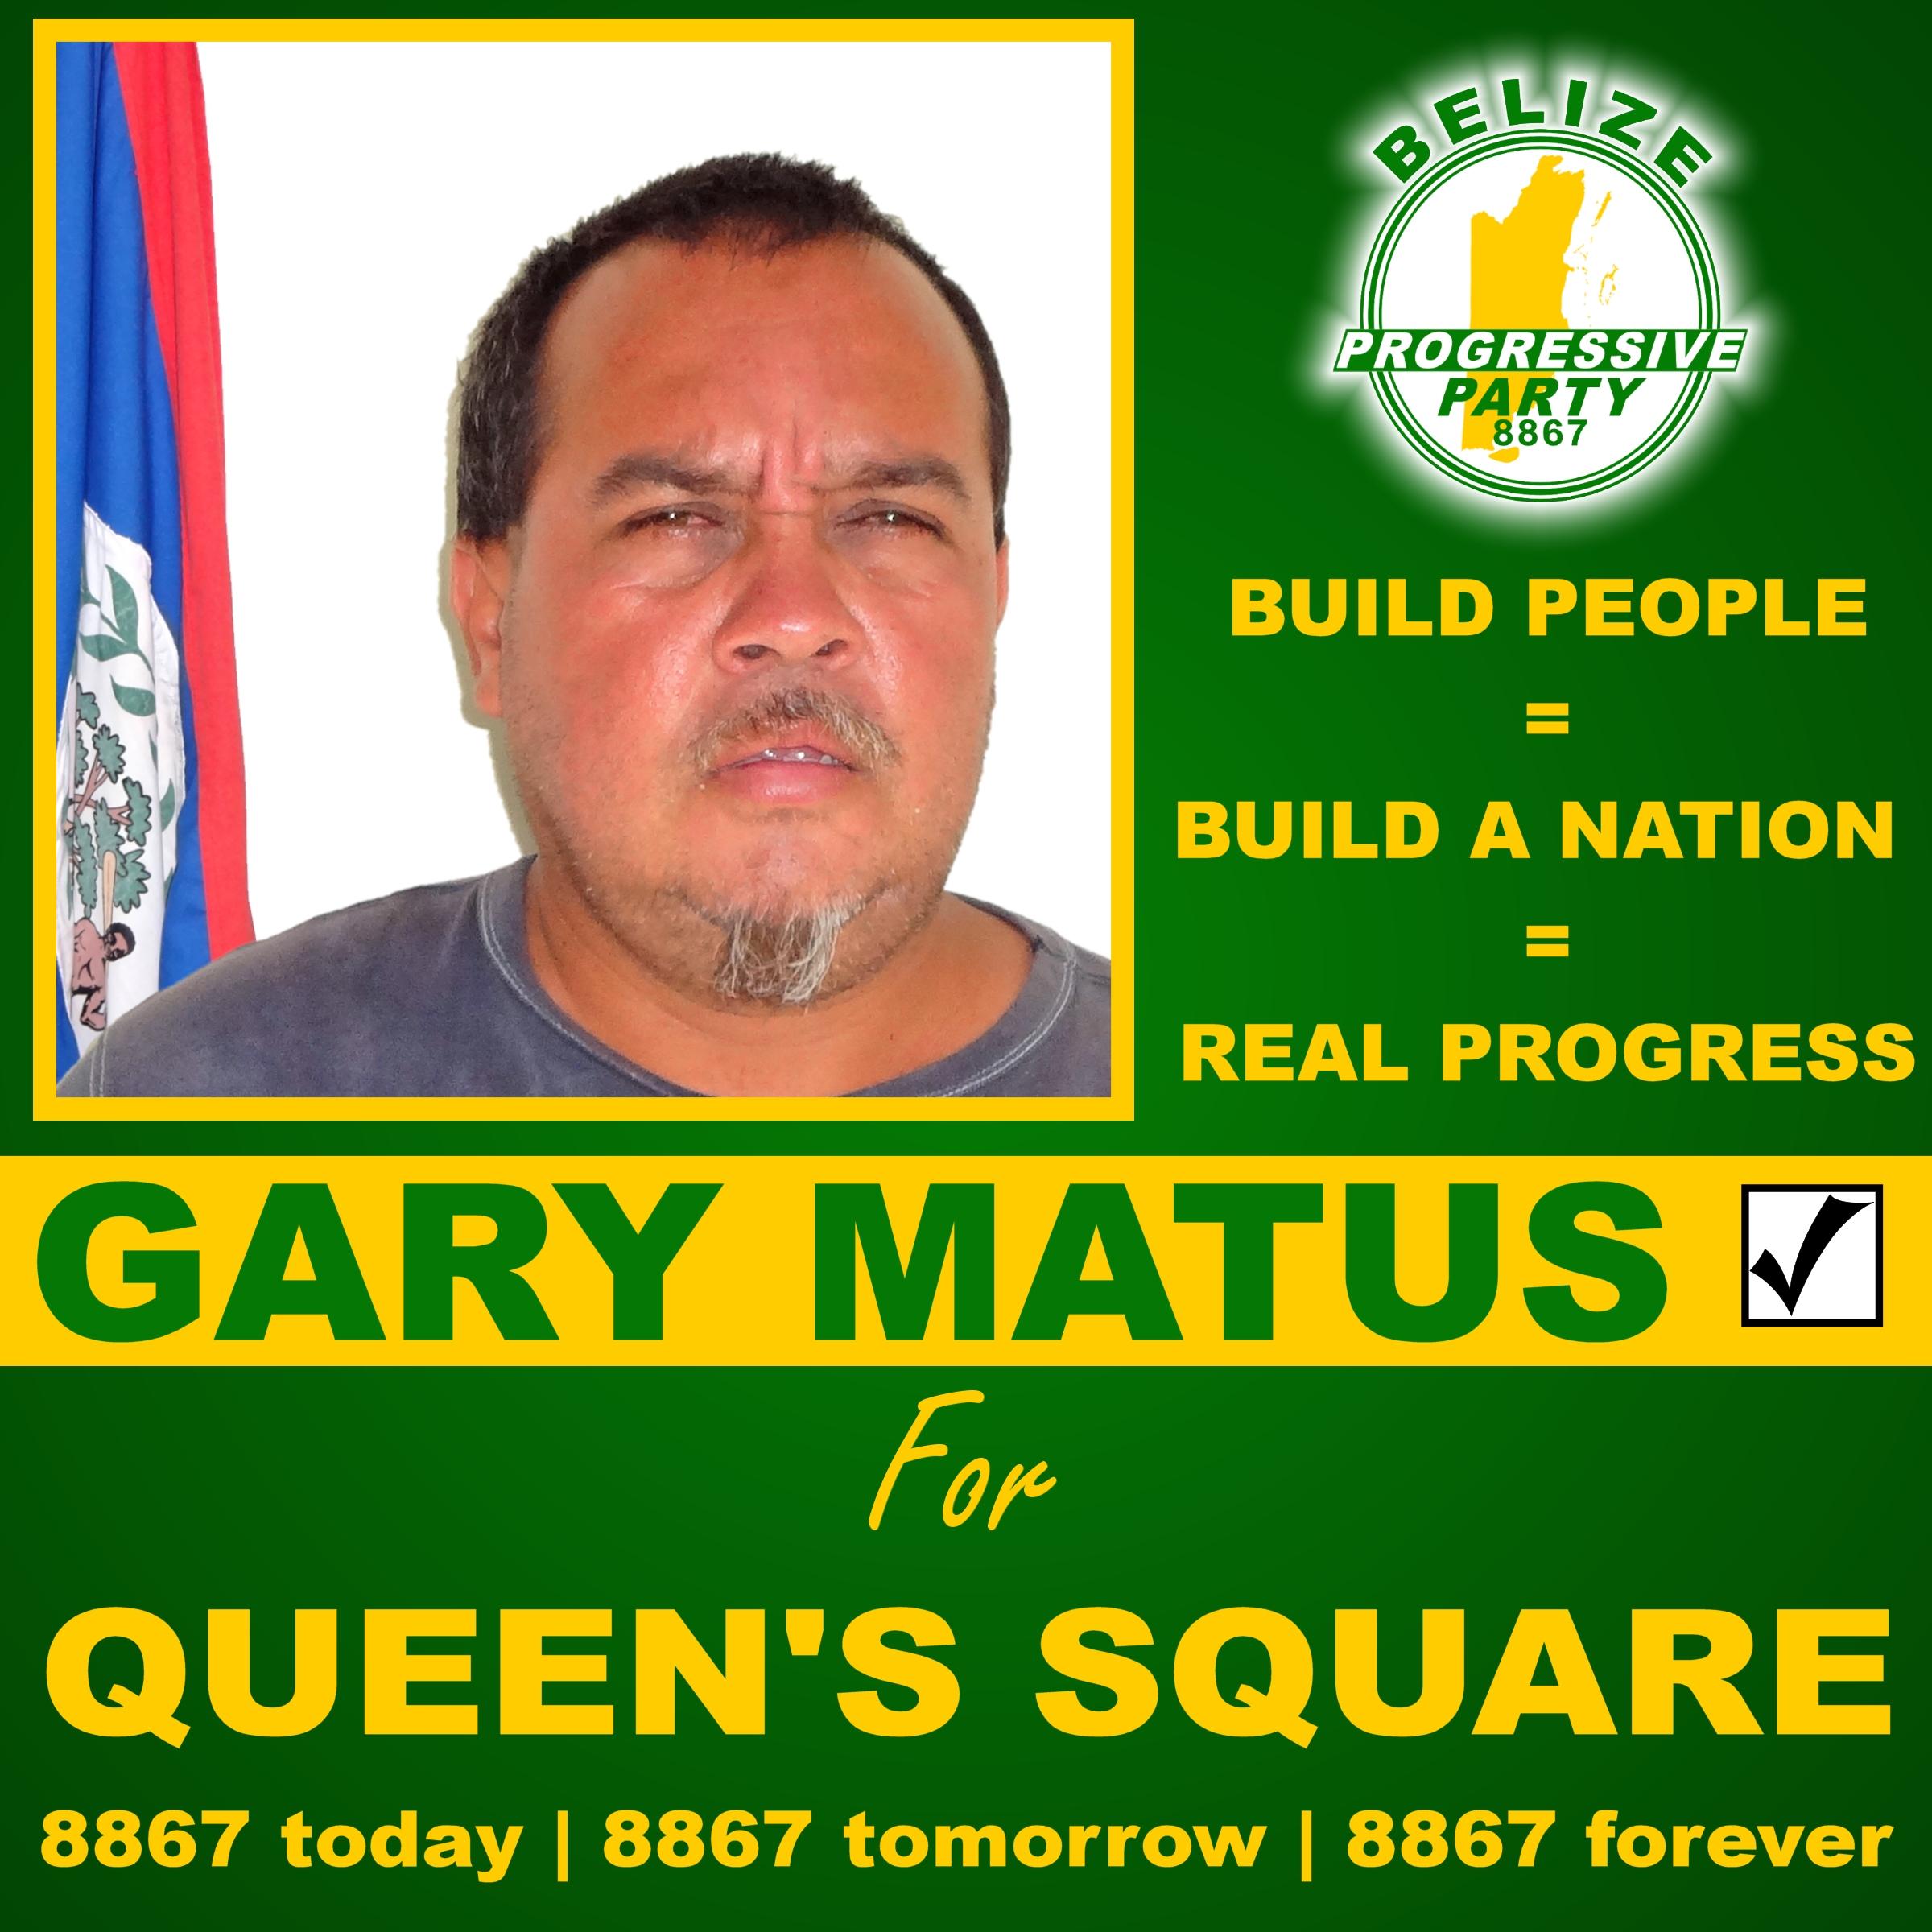 GARY MATUS